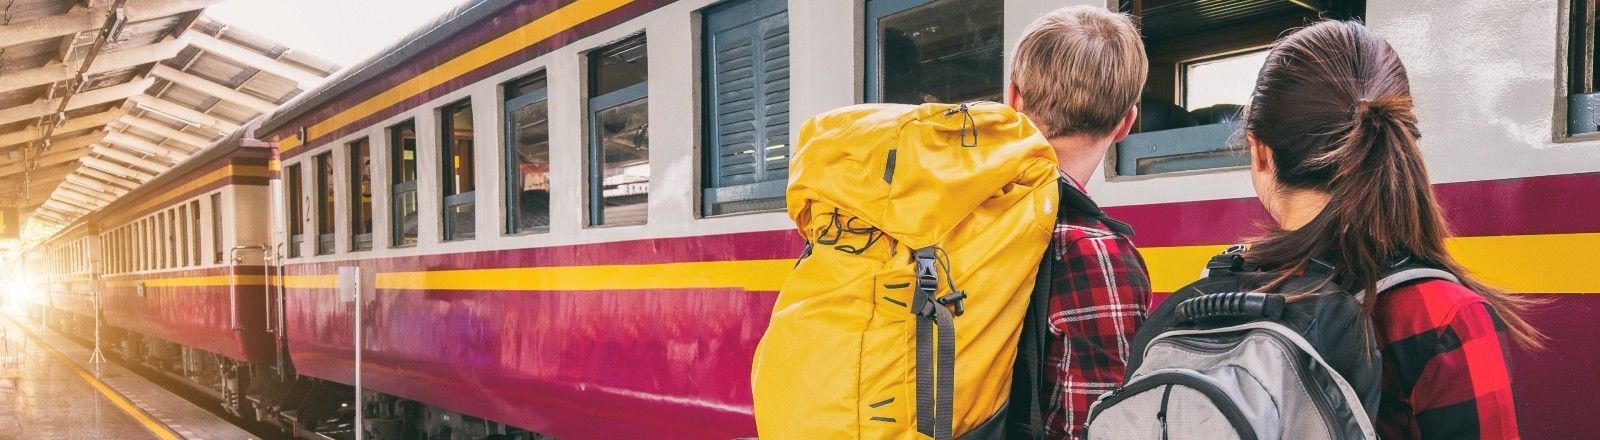 Zwei Backpacker warten auf den einfahrenden Zug